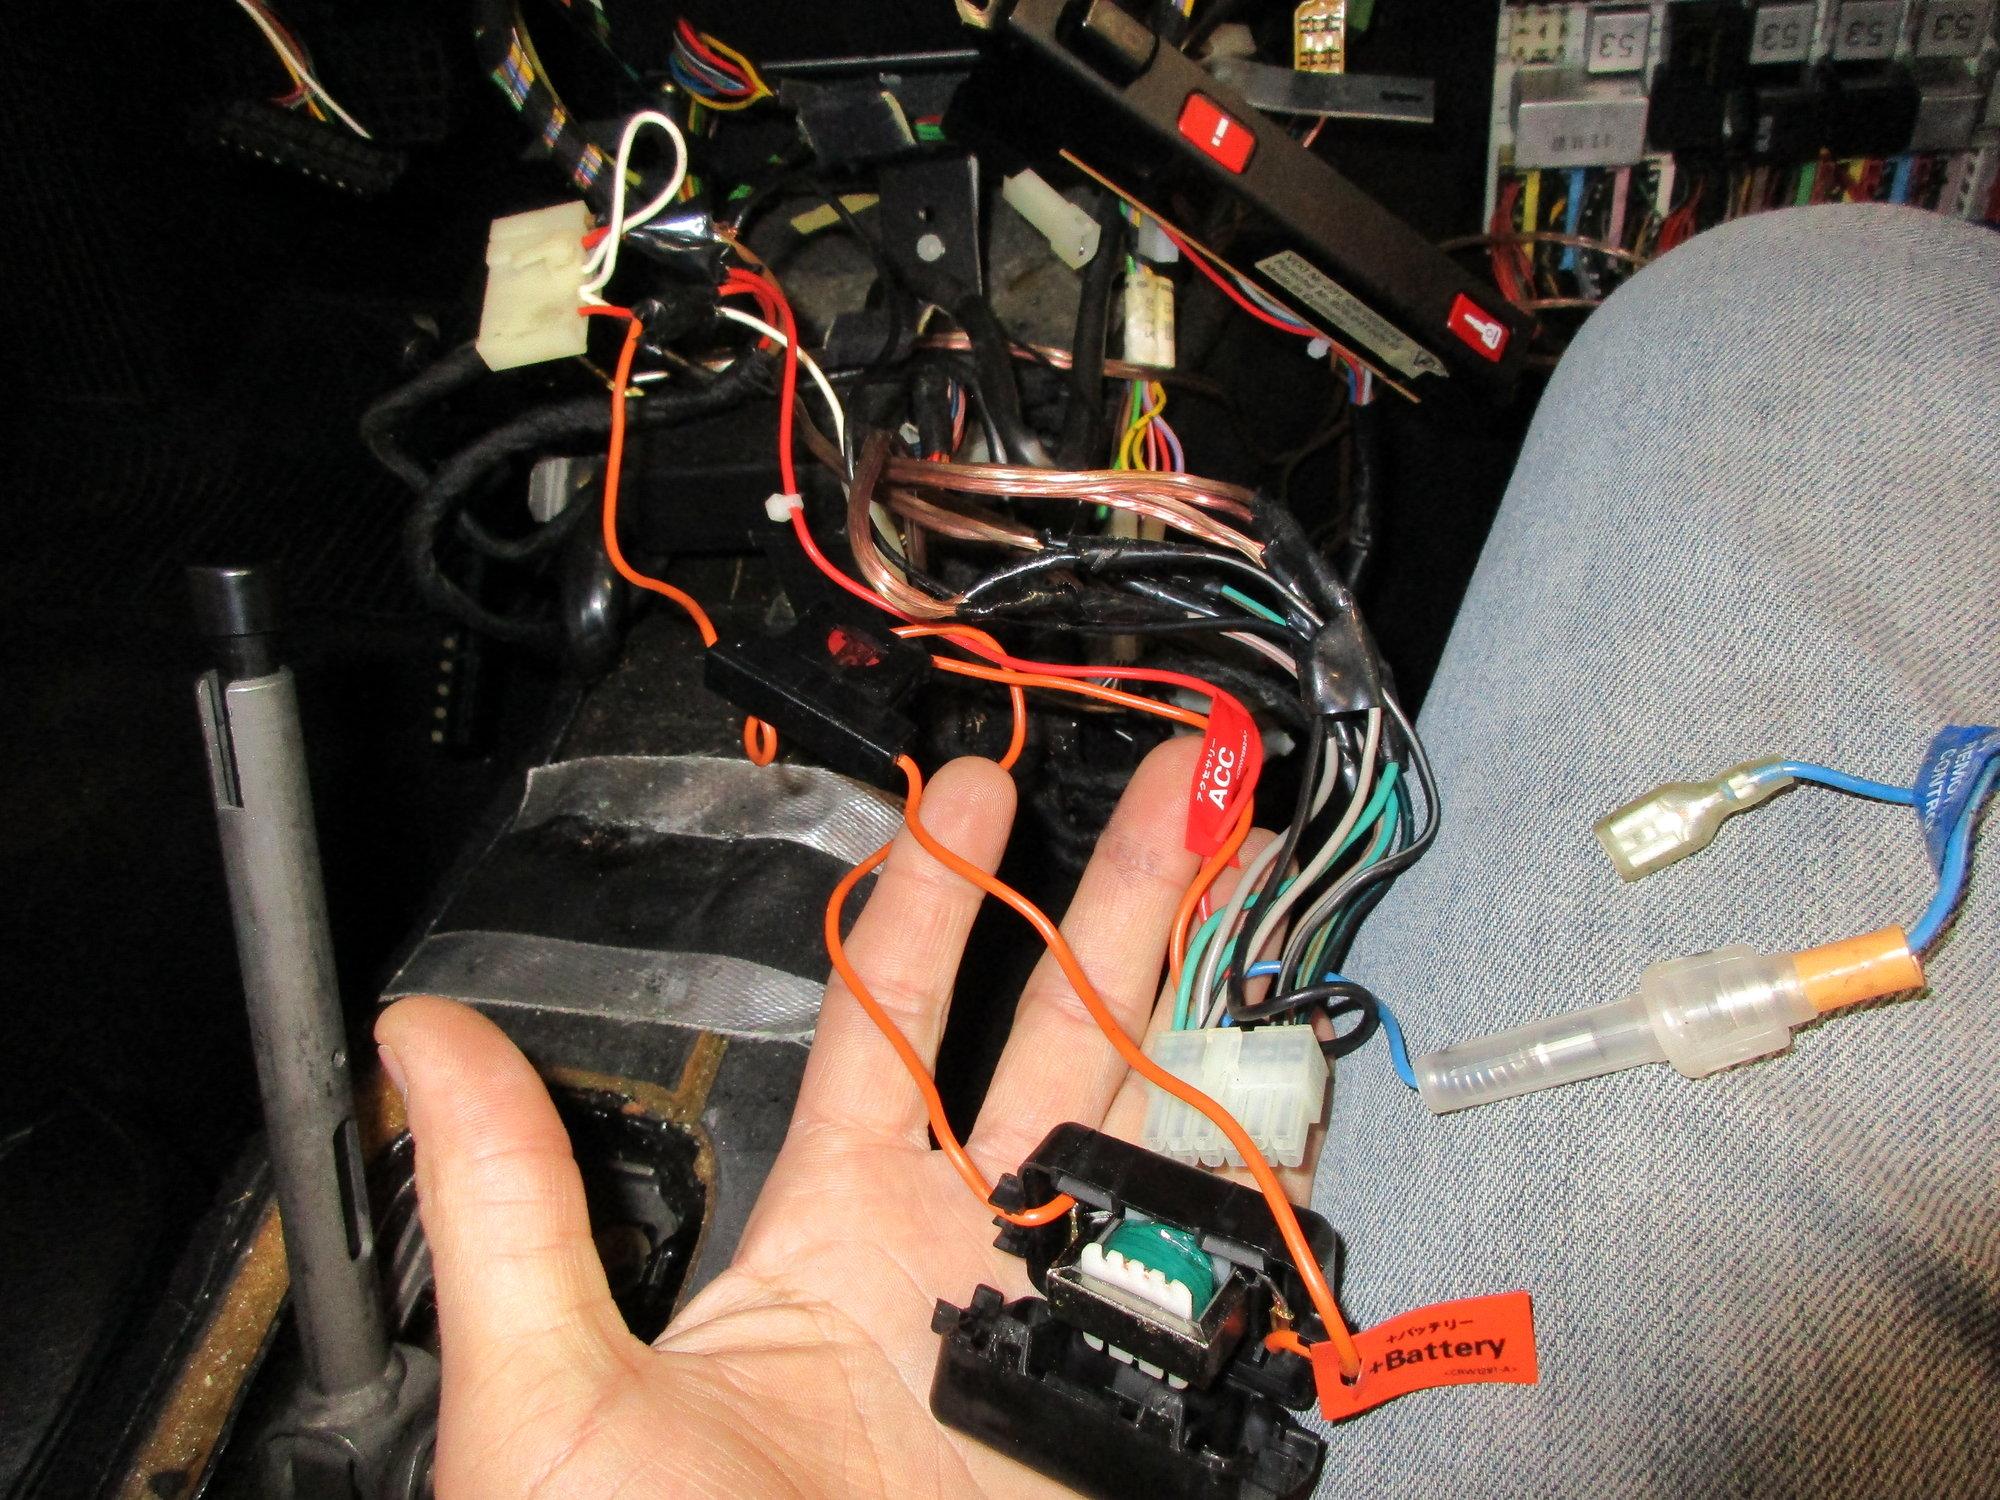 Superb Stereo Wiring Help Please Rennlist Porsche Discussion Forums Wiring 101 Swasaxxcnl